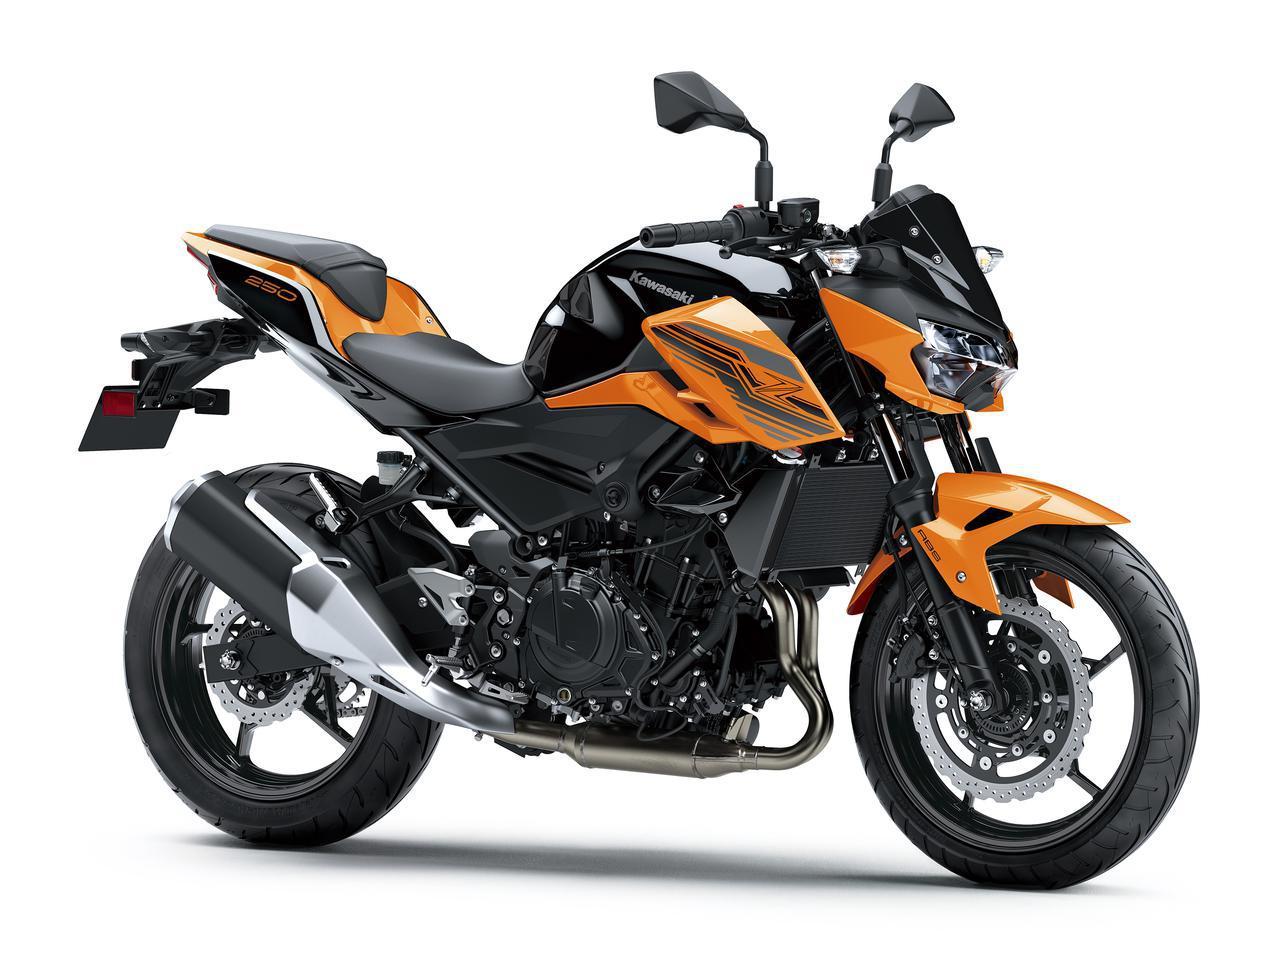 画像11: カワサキが「Z250」の2021年モデルを発売! 2020年モデルと比較してみよう【2021速報】